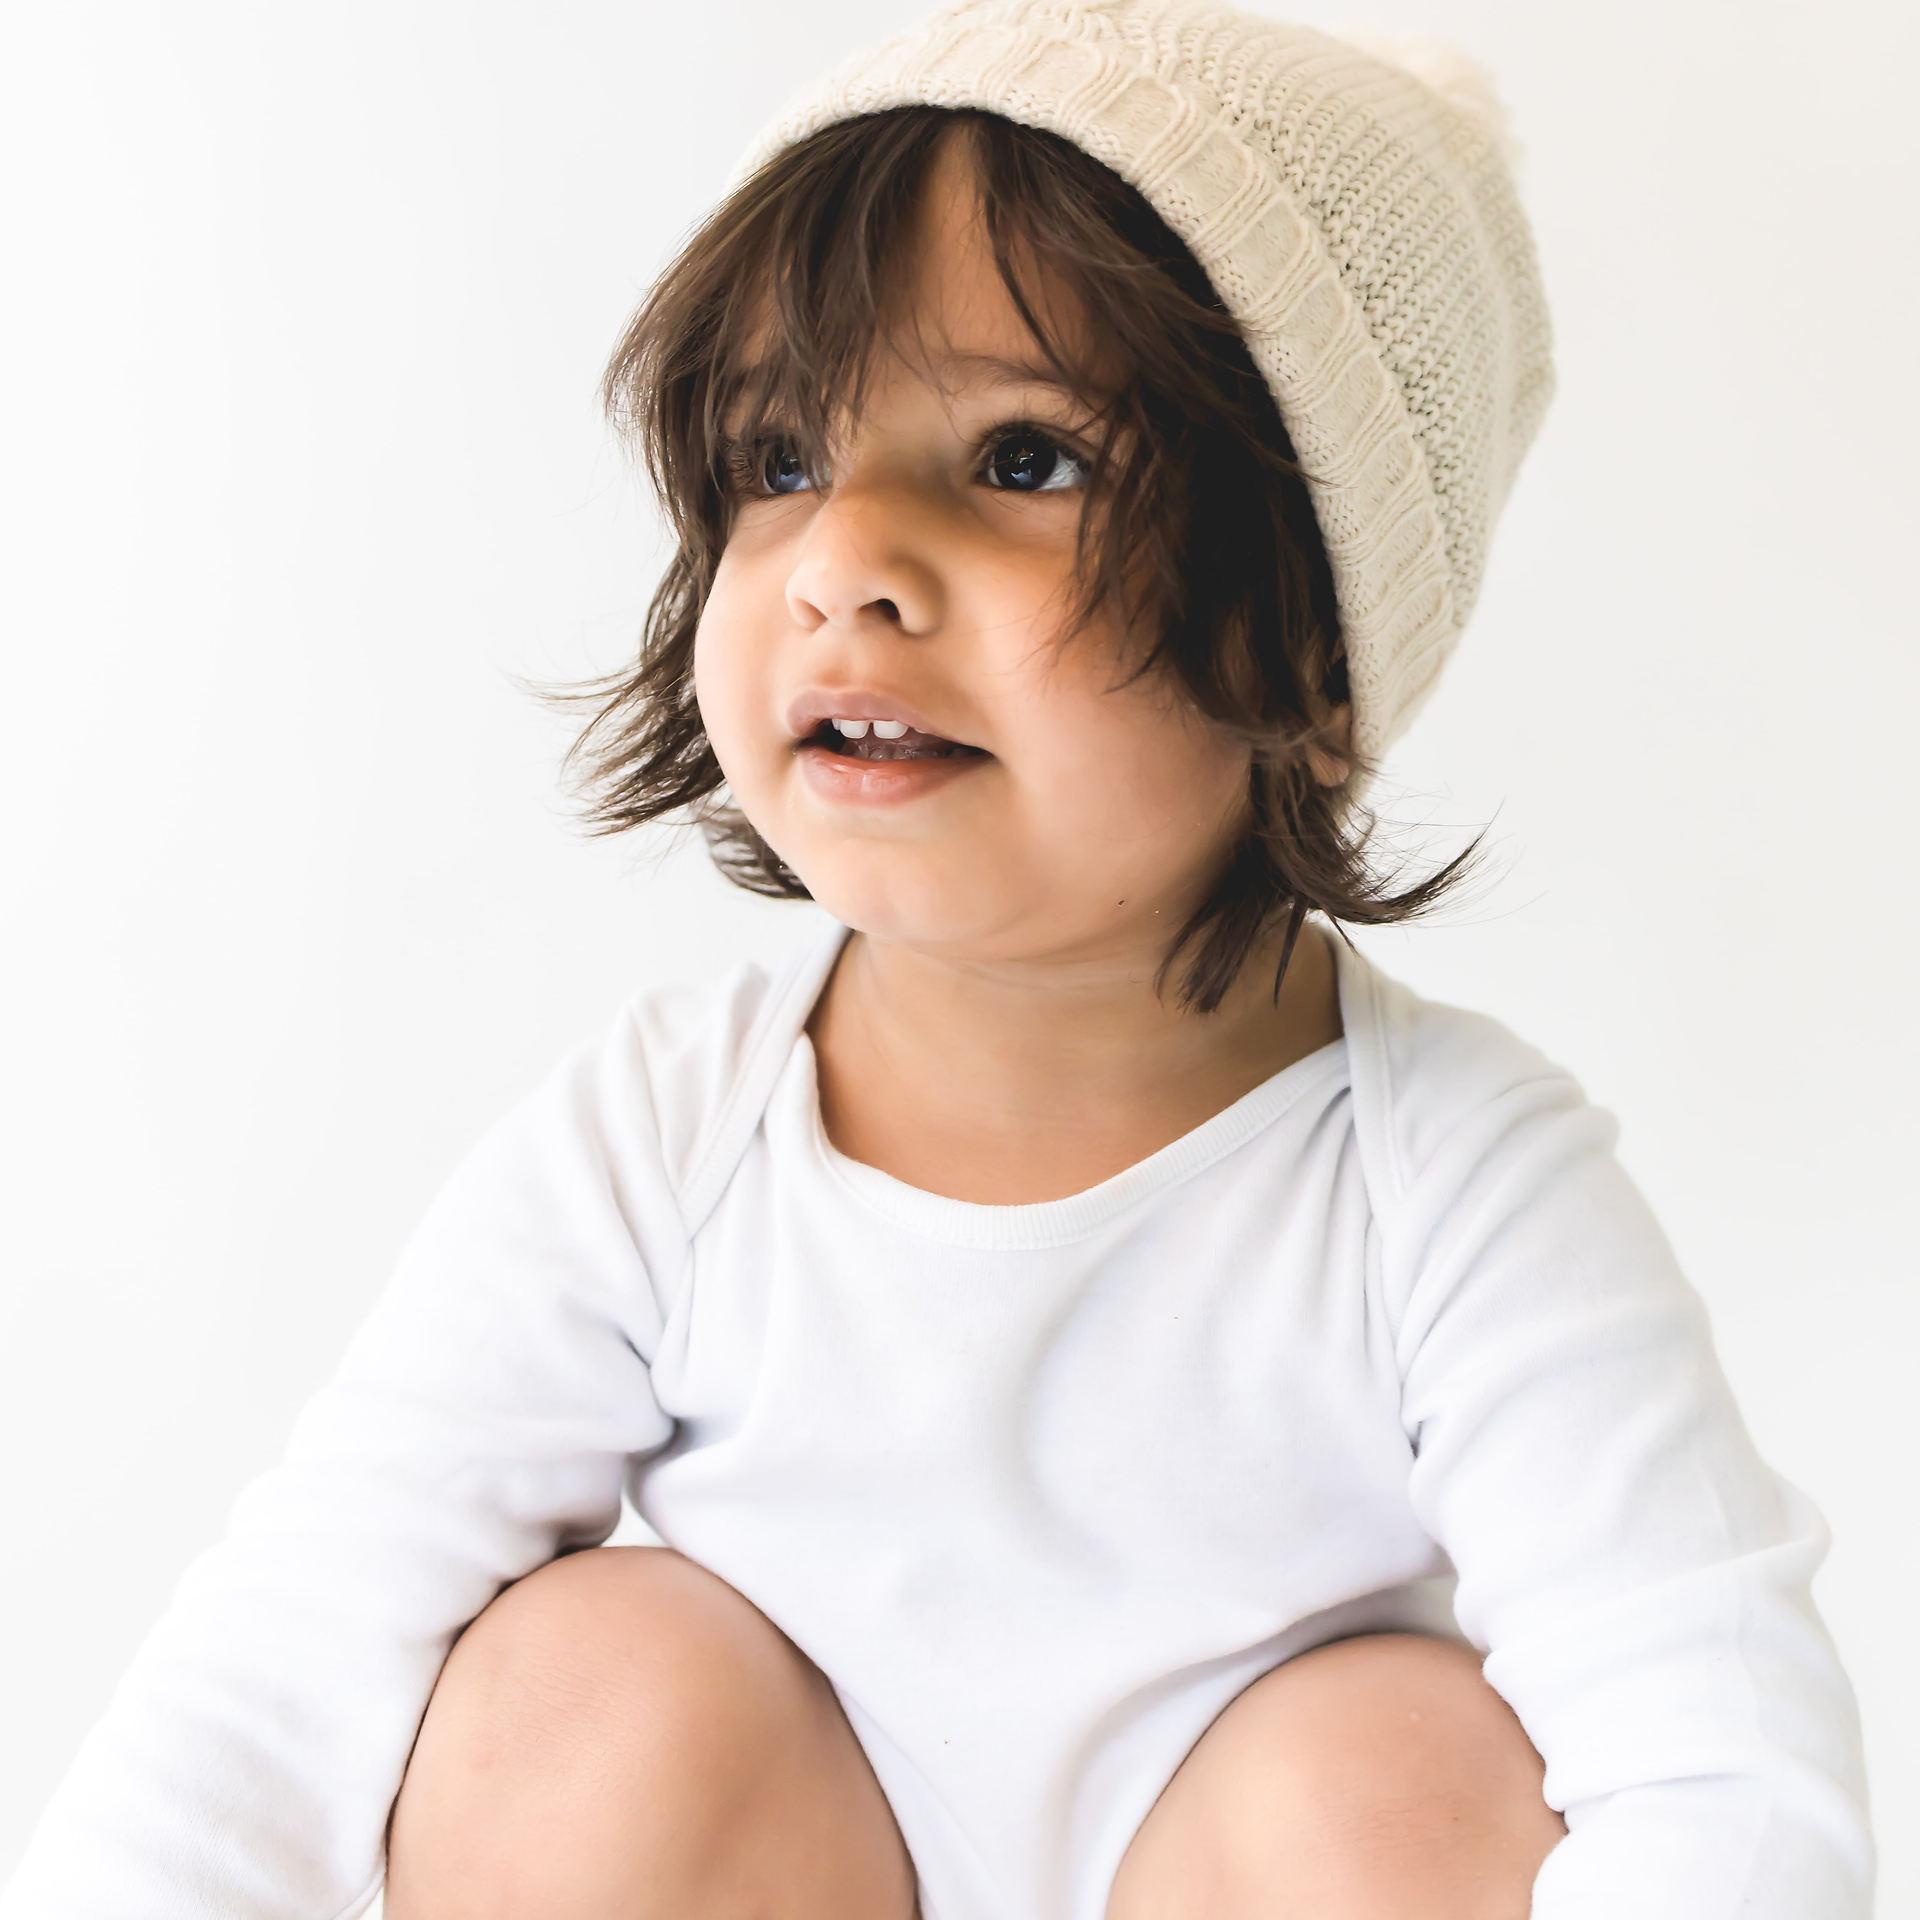 baby photographer Cheshire.jpg